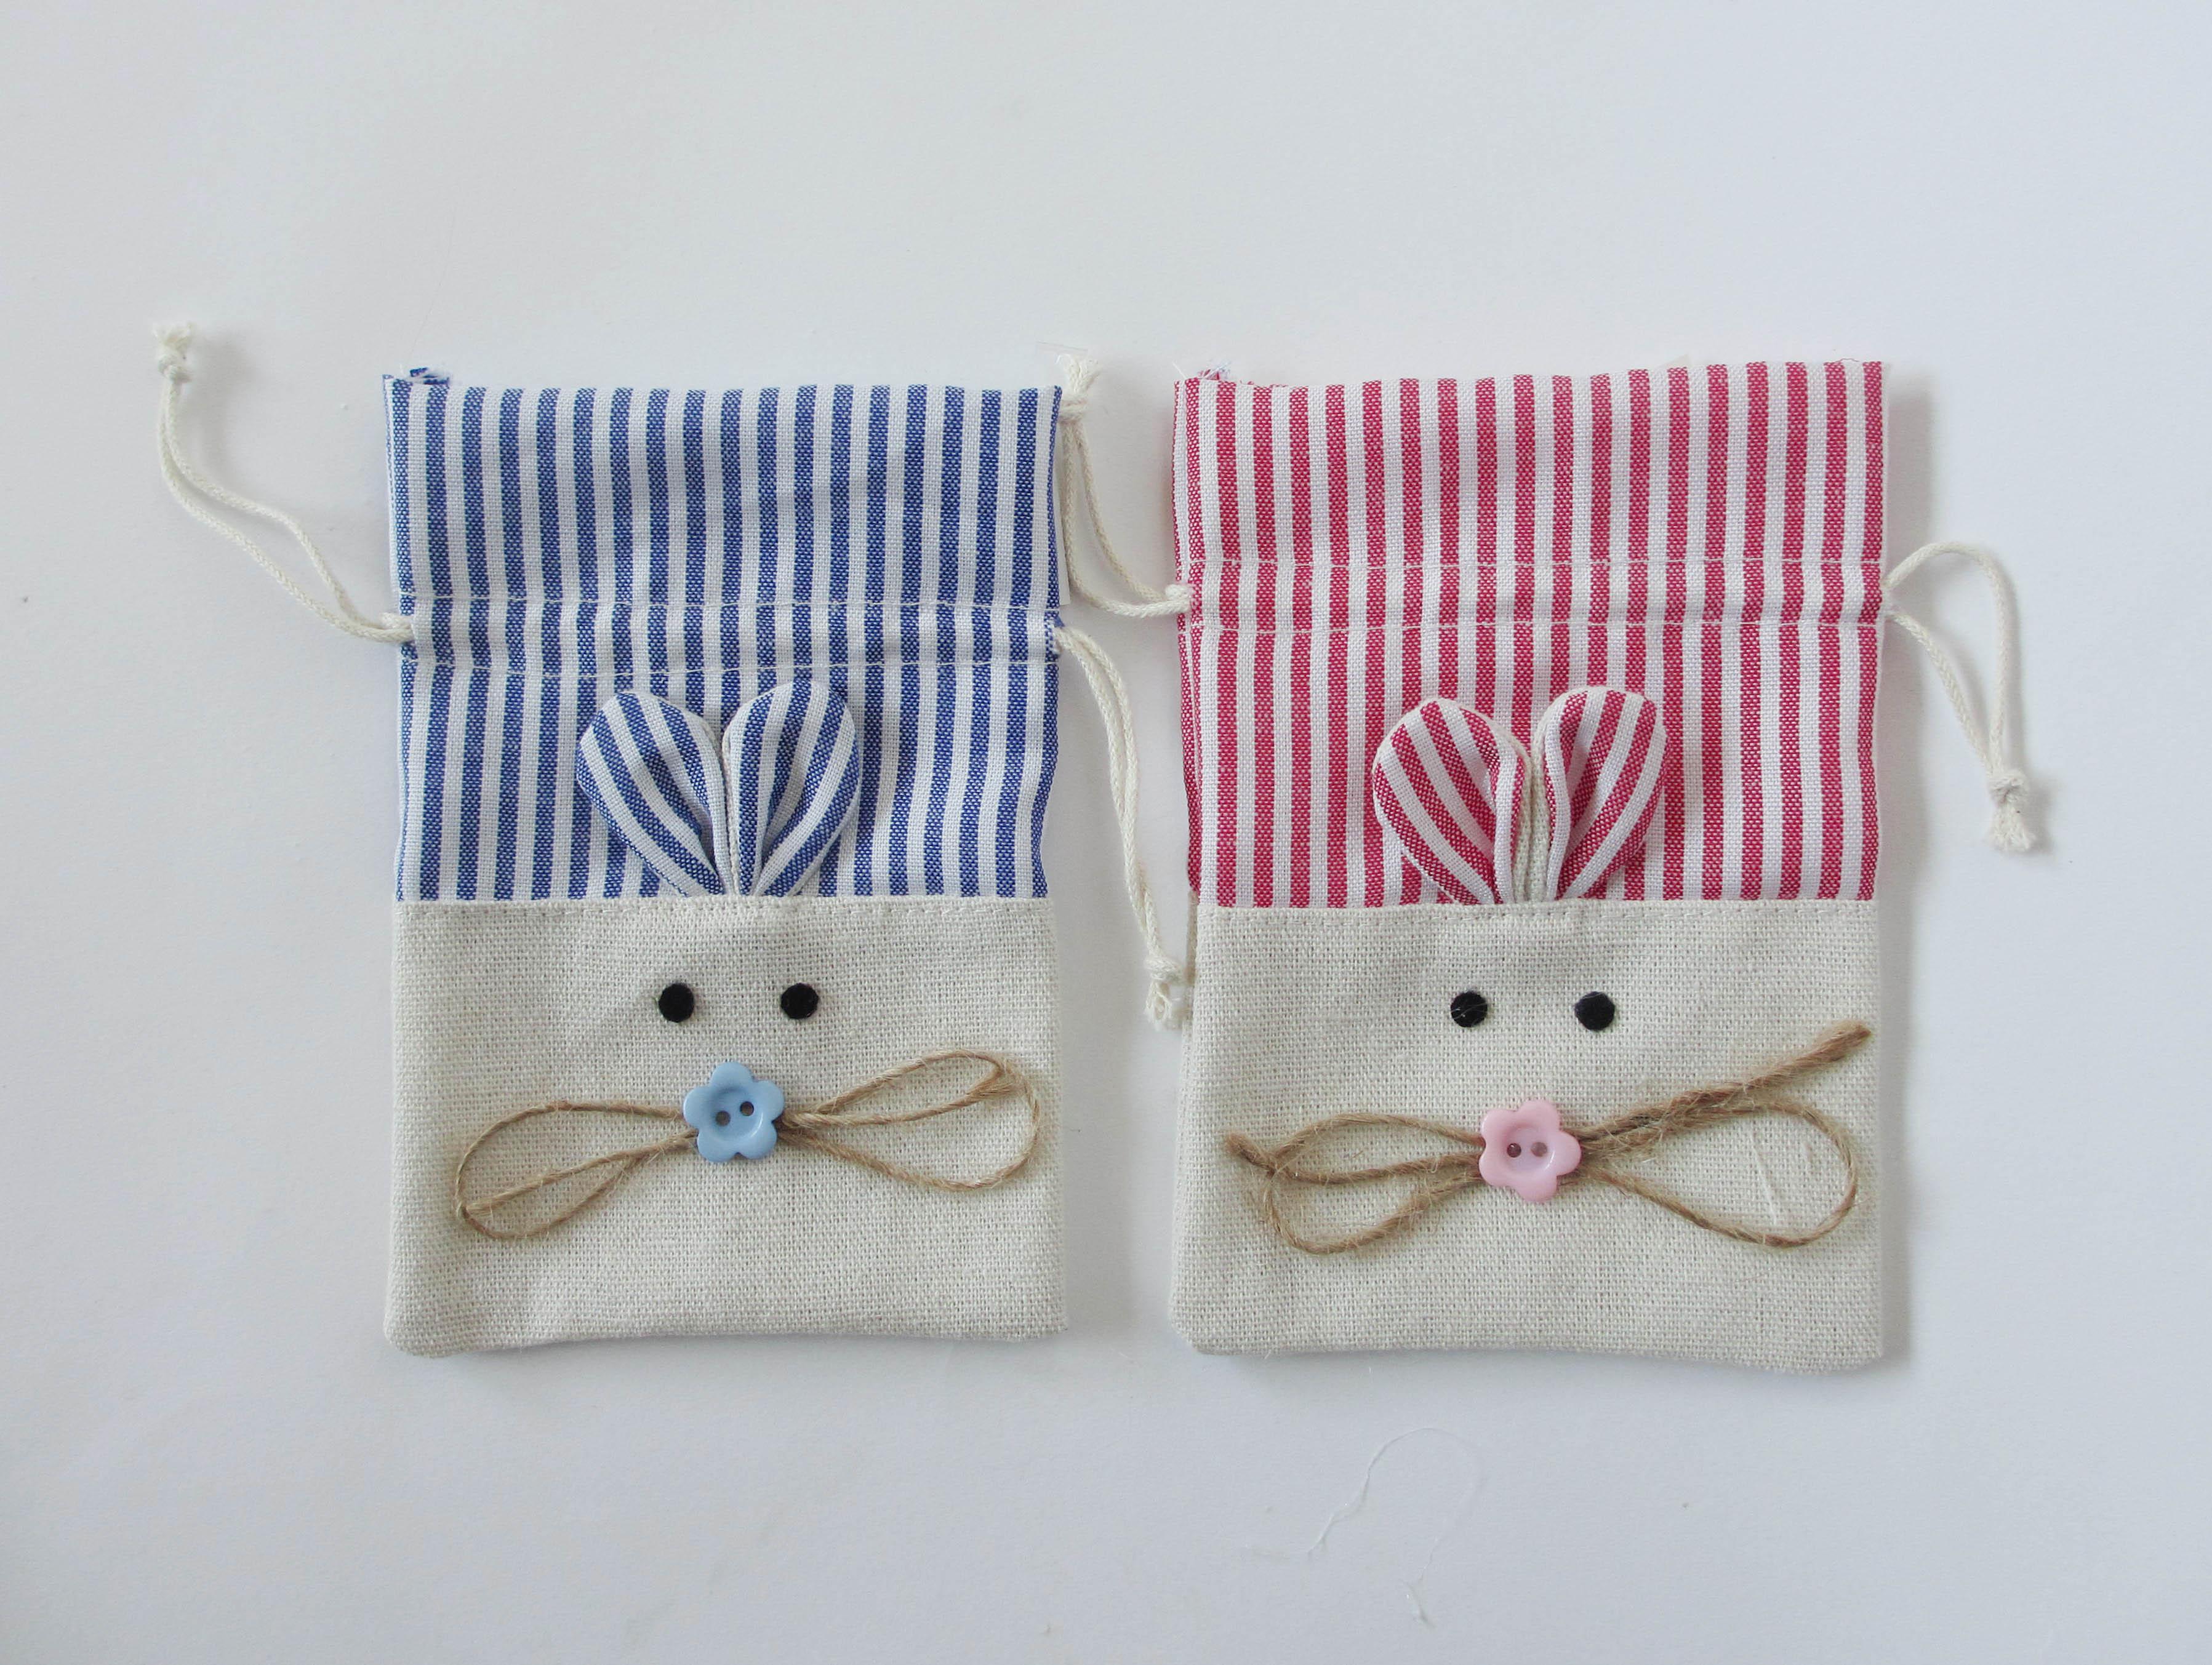 Bolsa de yute en forma de rat n envoltorios originales - Como hacer bolsos con salvamanteles ...